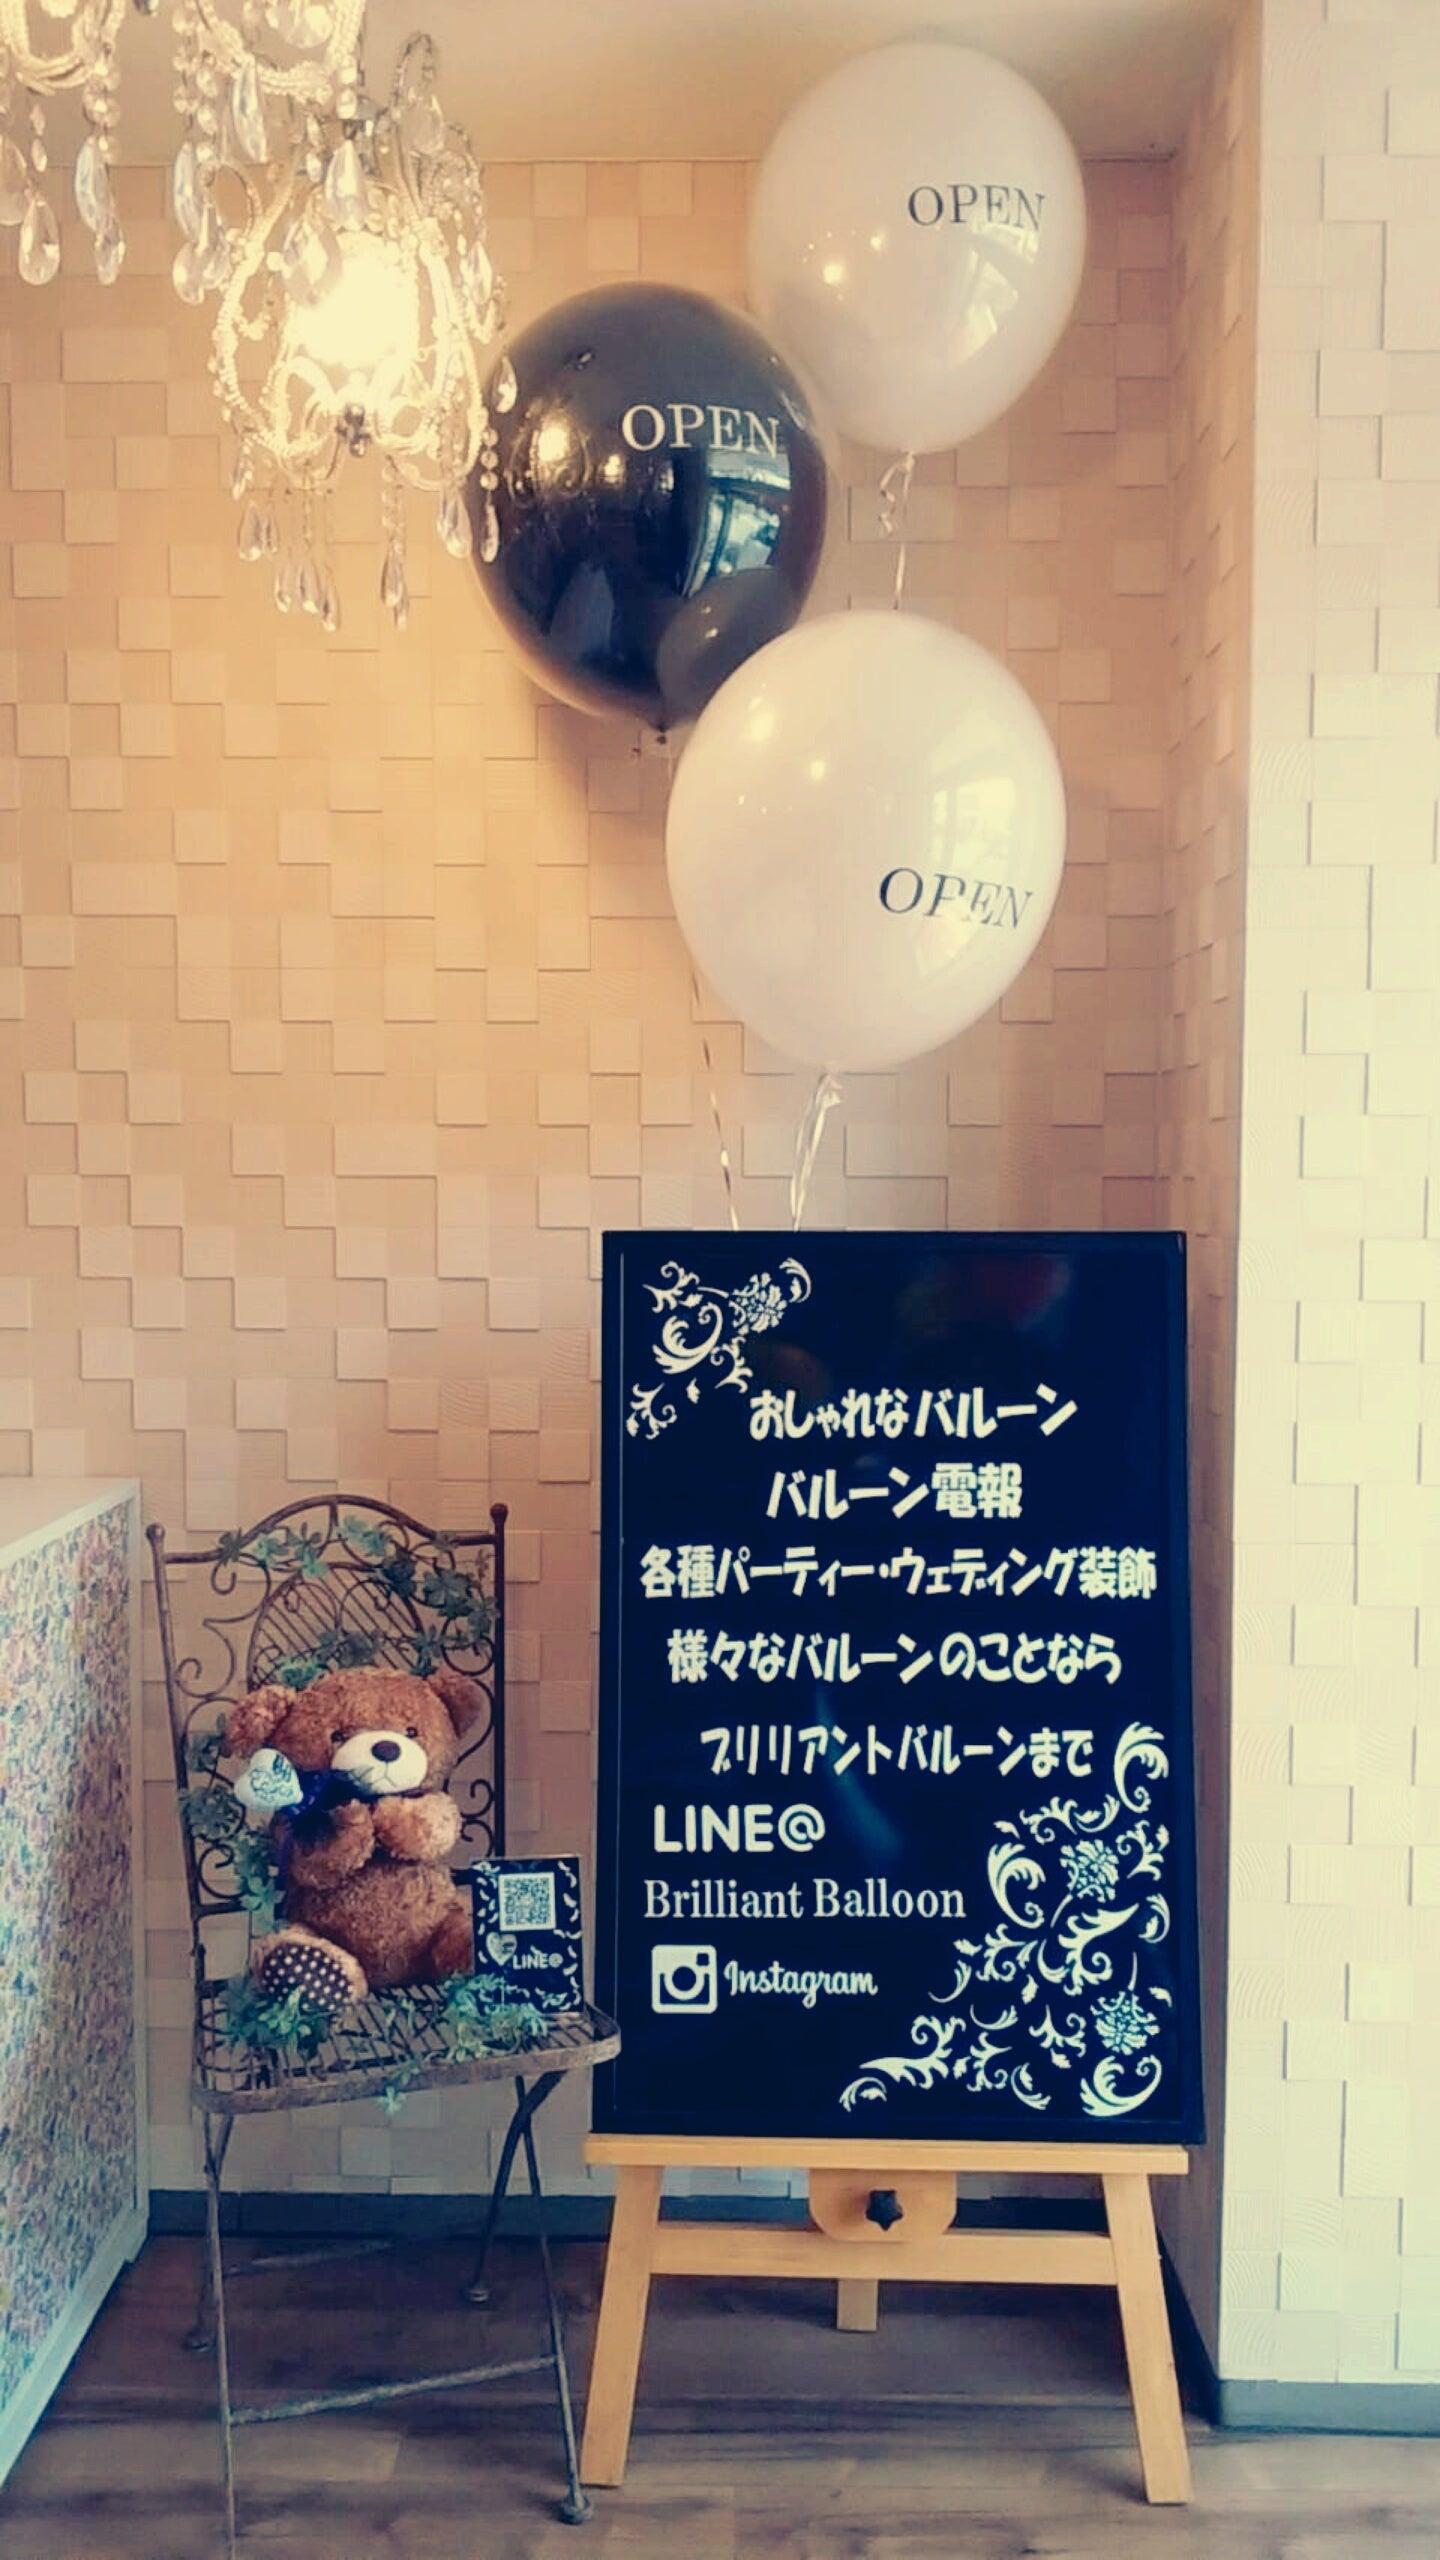 おしゃれなバルーン電報、イベント・ウェディングバルーン装飾の事なら大阪、和歌山のブリリアントバルーン